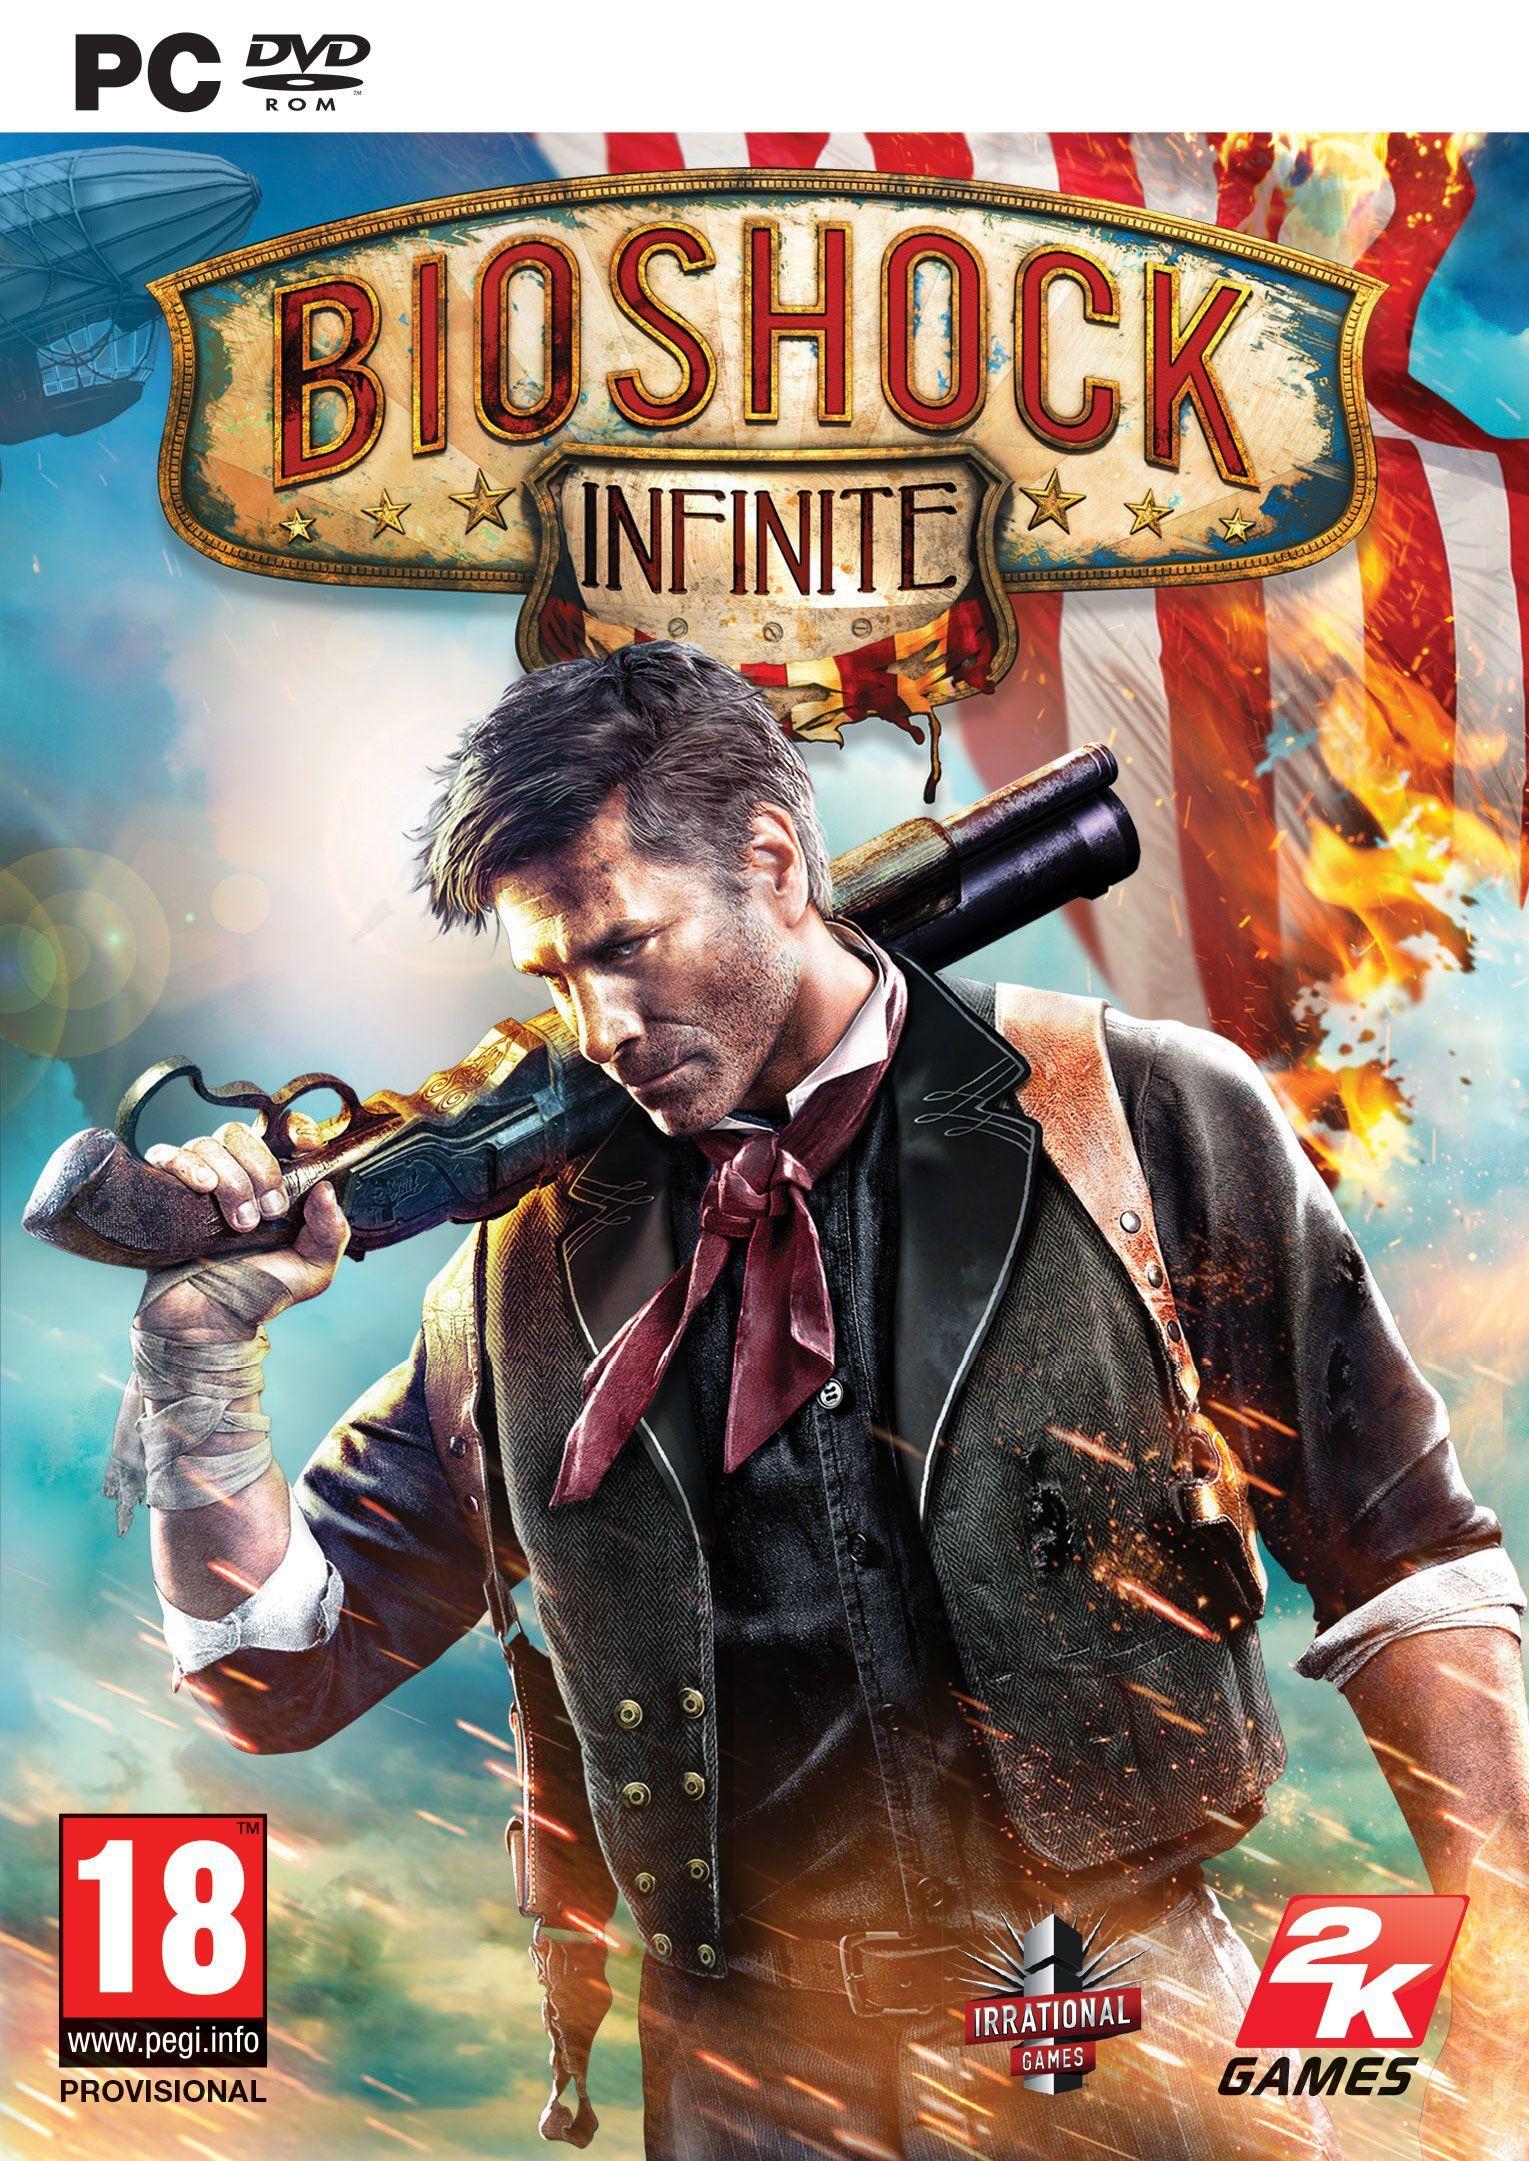 031212 - Bioshock Infinite